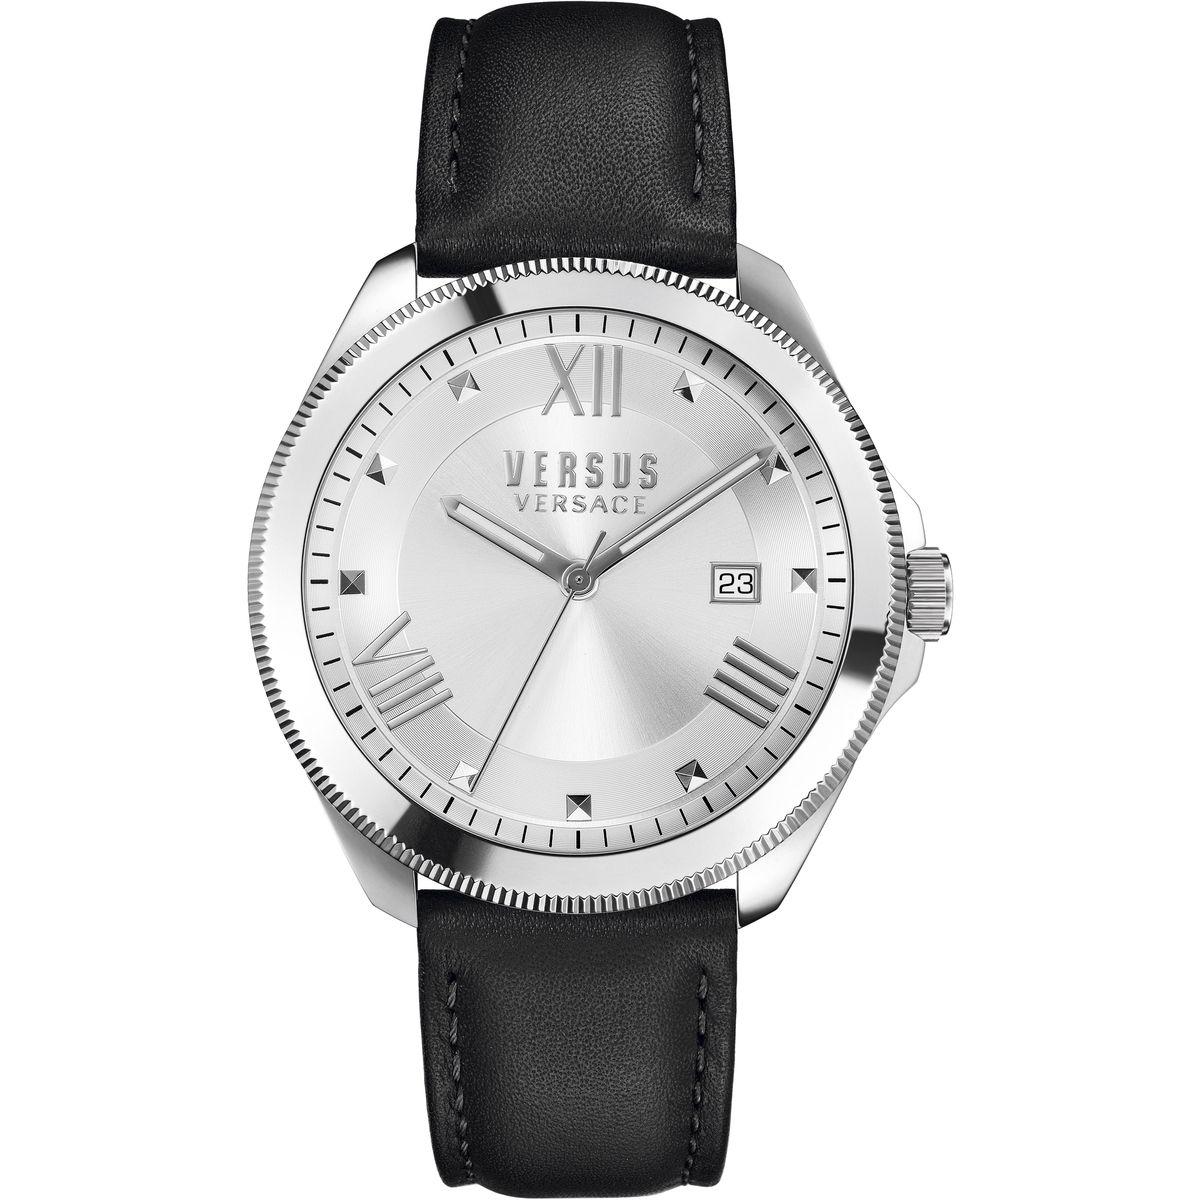 Часы наручные женские Versus Versace, цвет: серебристый, черный. SBE01 0015SBE01 0015Элегантные женские часы Versus Versace выполнены из нержавеющей стали, натуральной кожи и минерального стекла. Циферблат часов дополнен символикой бренда. Корпус часов оснащен кварцевым механизмом, имеет степень влагозащиты равную 3 atm, а также дополнен устойчивым к царапинам минеральным стеклом. Стрелки дополнены светящимся составом. Ремешок часов оснащен классической пряжкой, которая позволит с легкостью снимать и надевать изделие. Часы поставляются в фирменной упаковке. Часы Versus Versace подчеркнут изящность женской руки и отменное чувство стиля у их обладательницы.